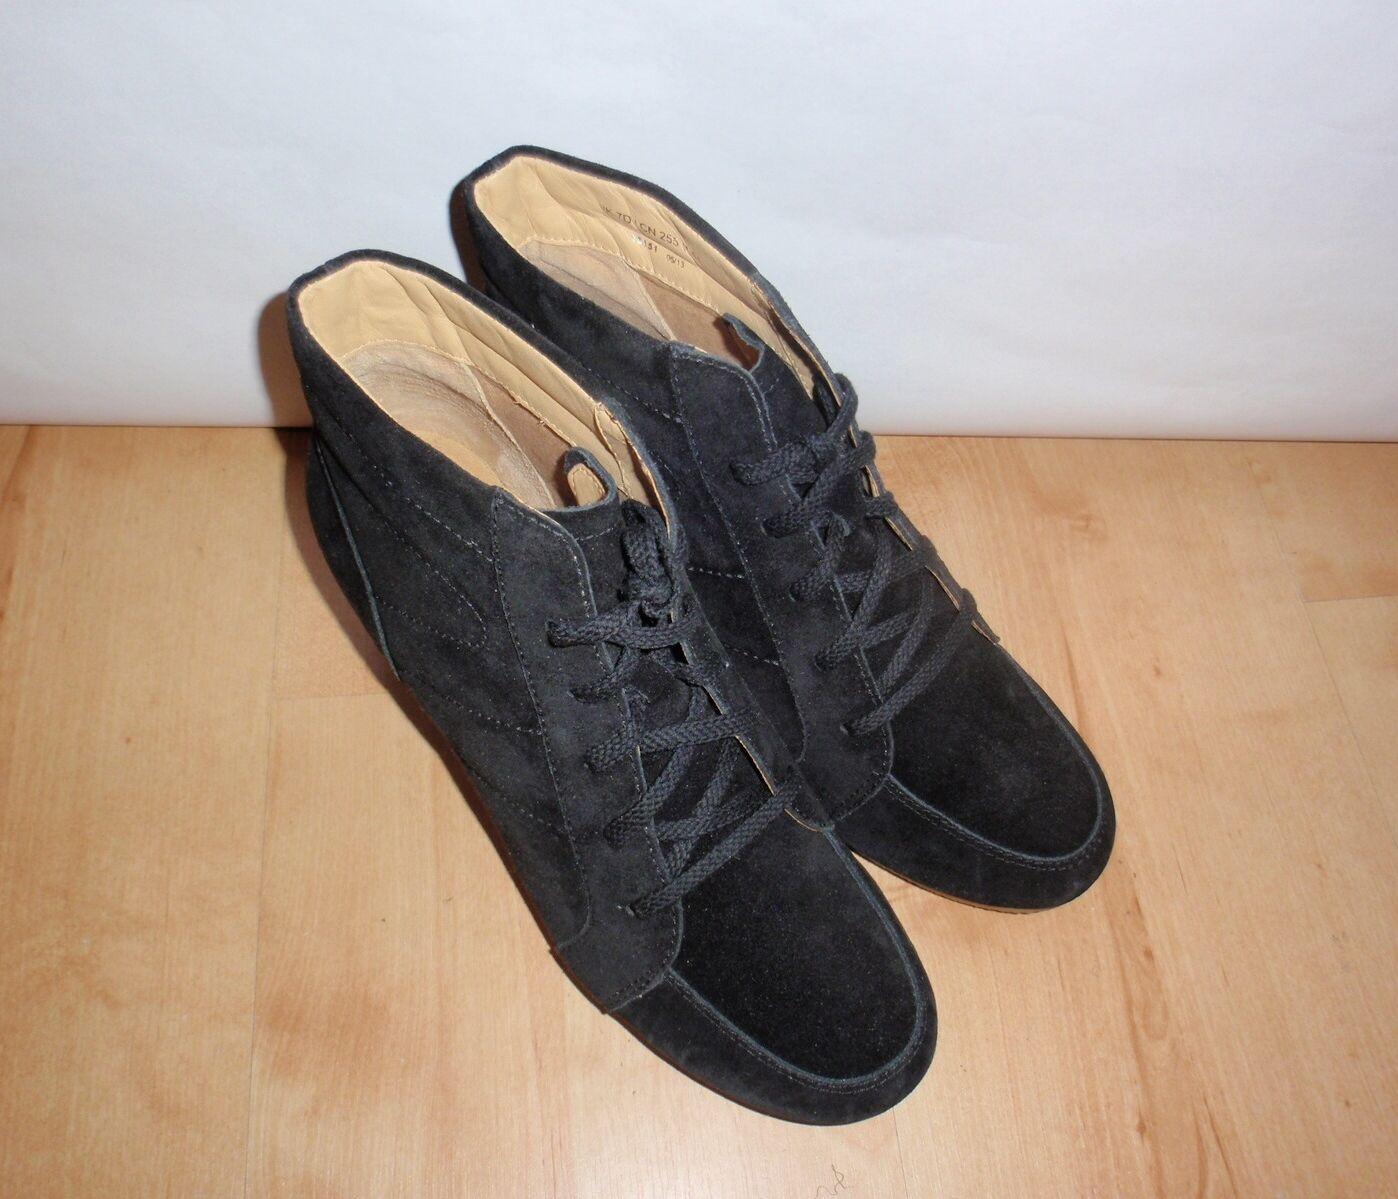 NEU Clarks Originals Damenss YARRA CHIC schwarz suede wedge heeled boots Größe 7 D